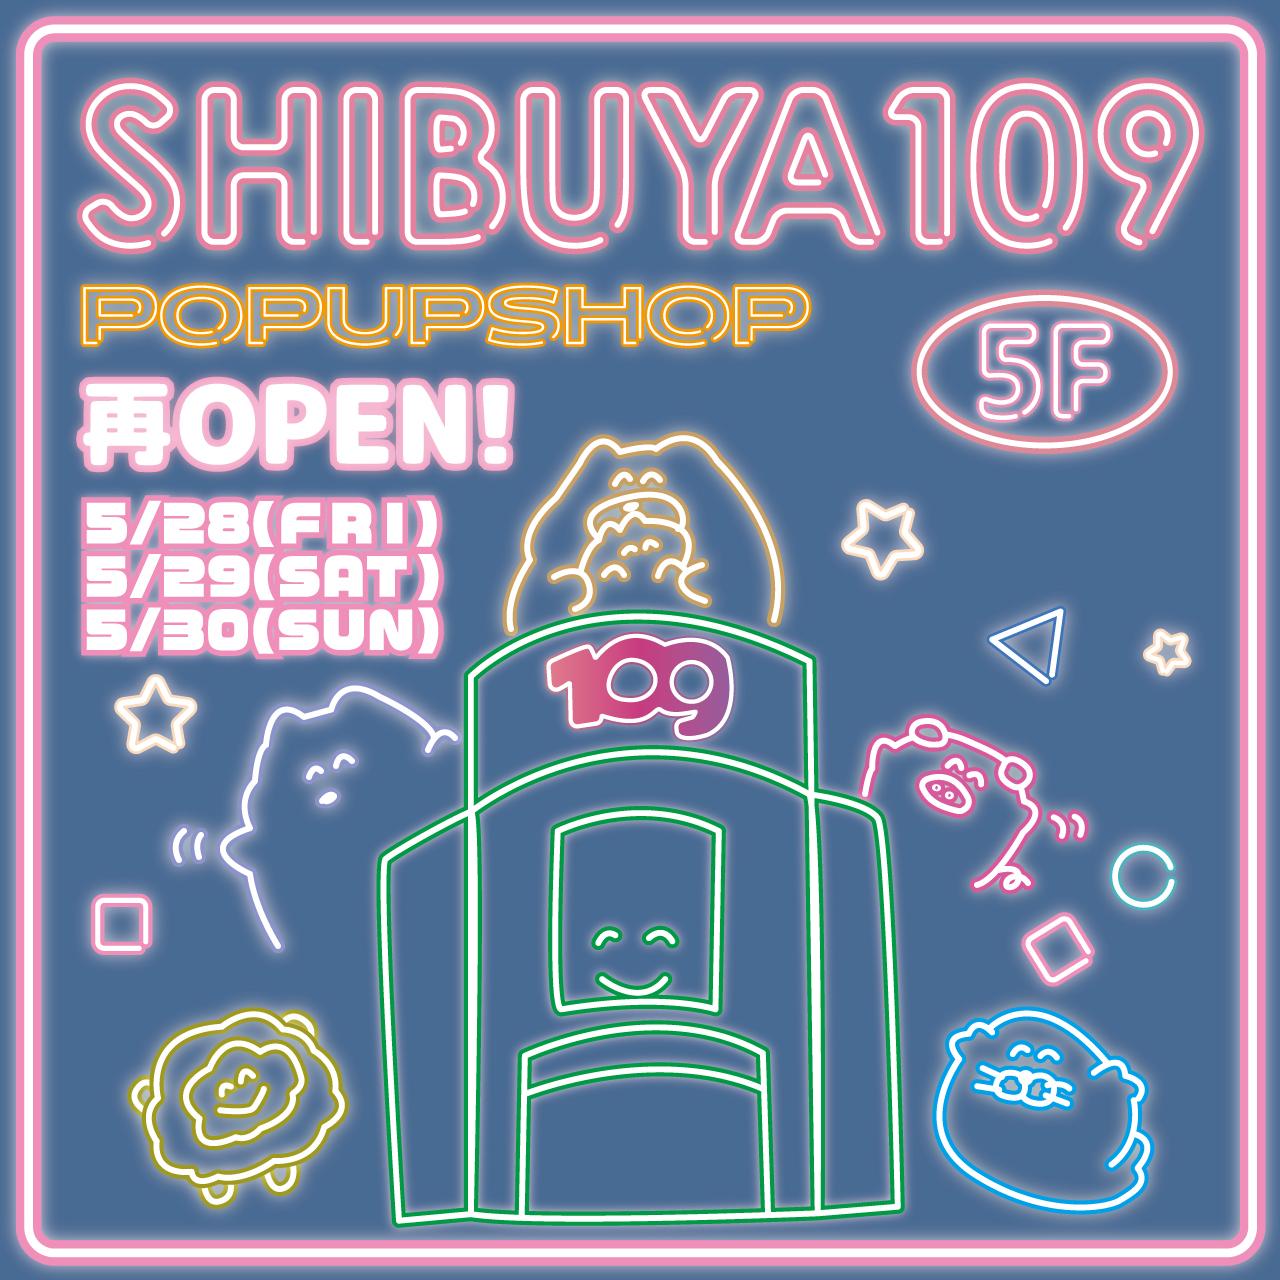 【5/28(金)~】SHIBUYA 109 POPUP SHOP再開決定!